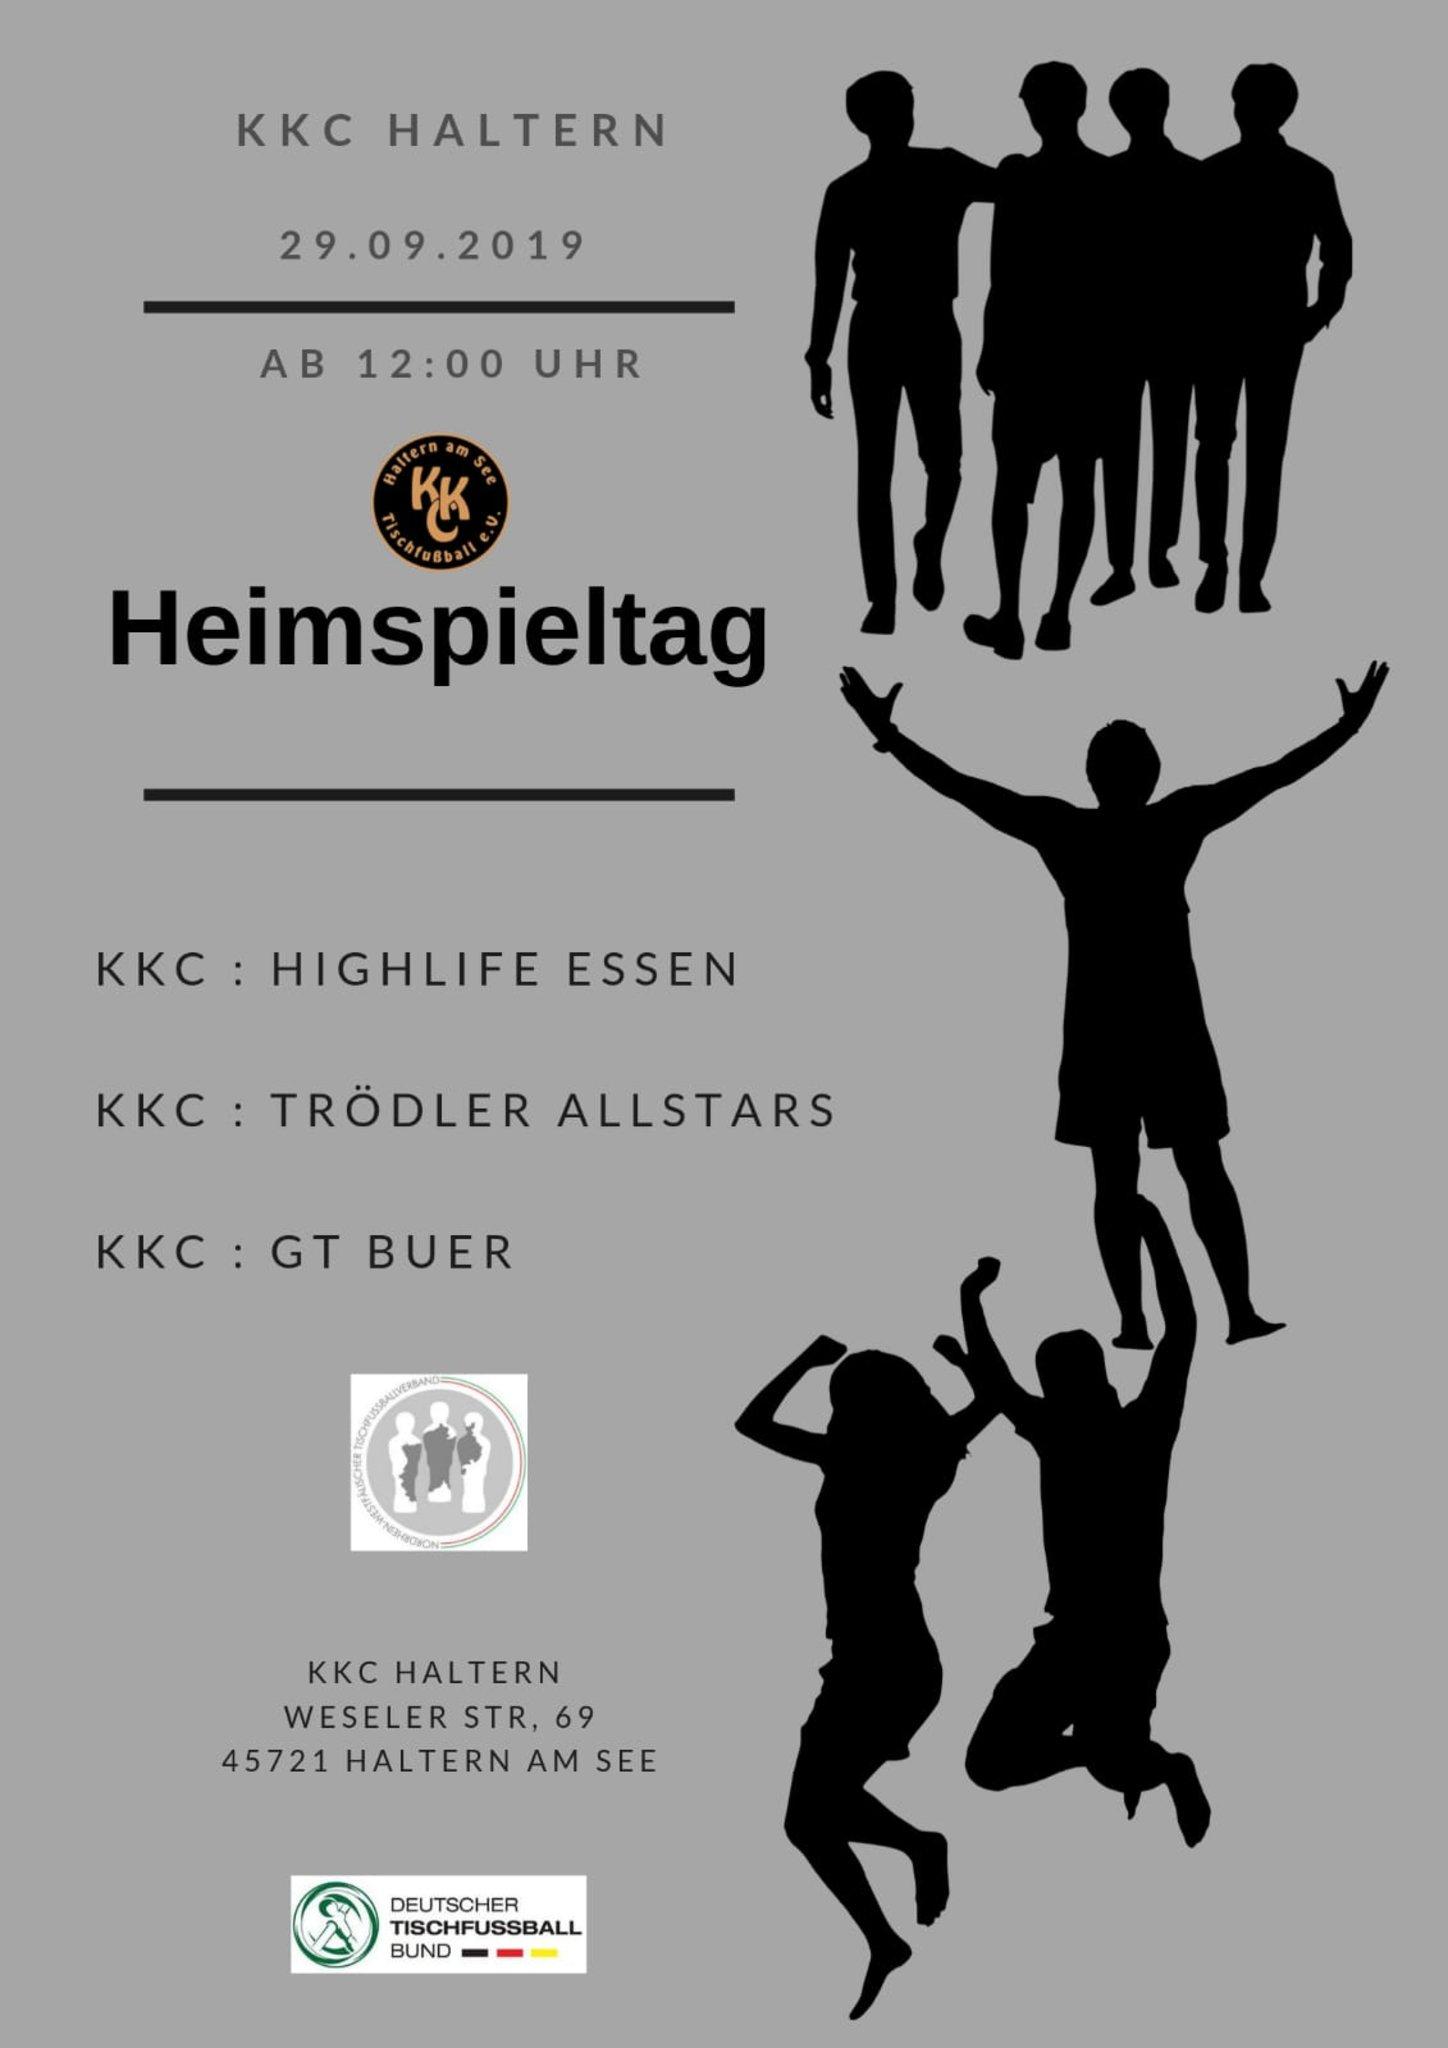 Heimspiel des KKC am 29.09.2019